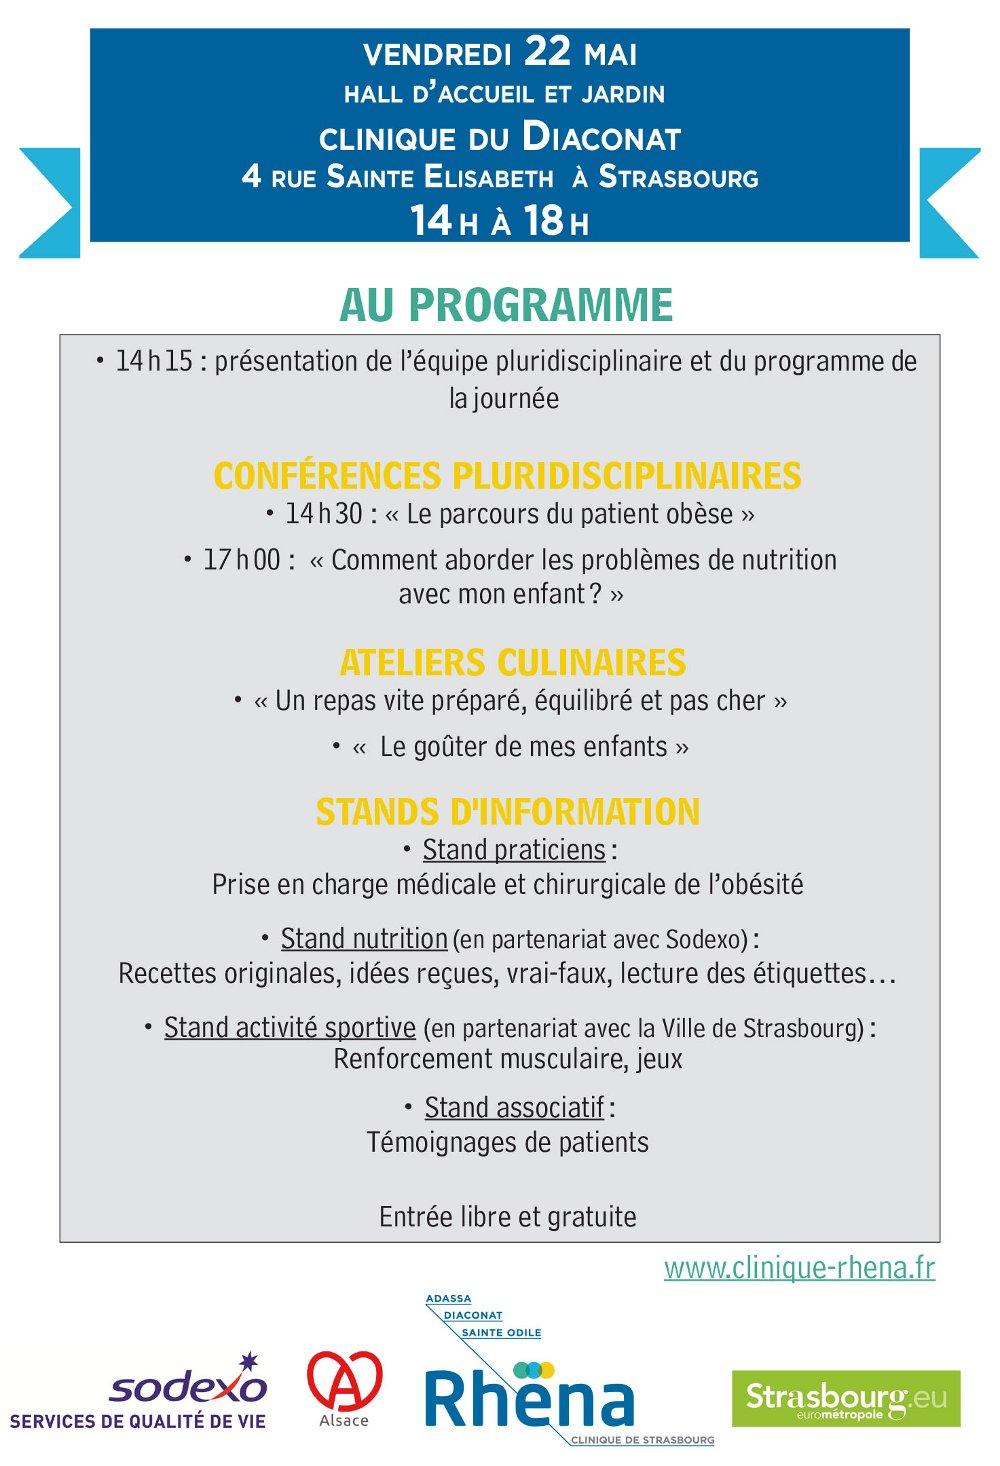 Journée Européenne de l'obésité 2015